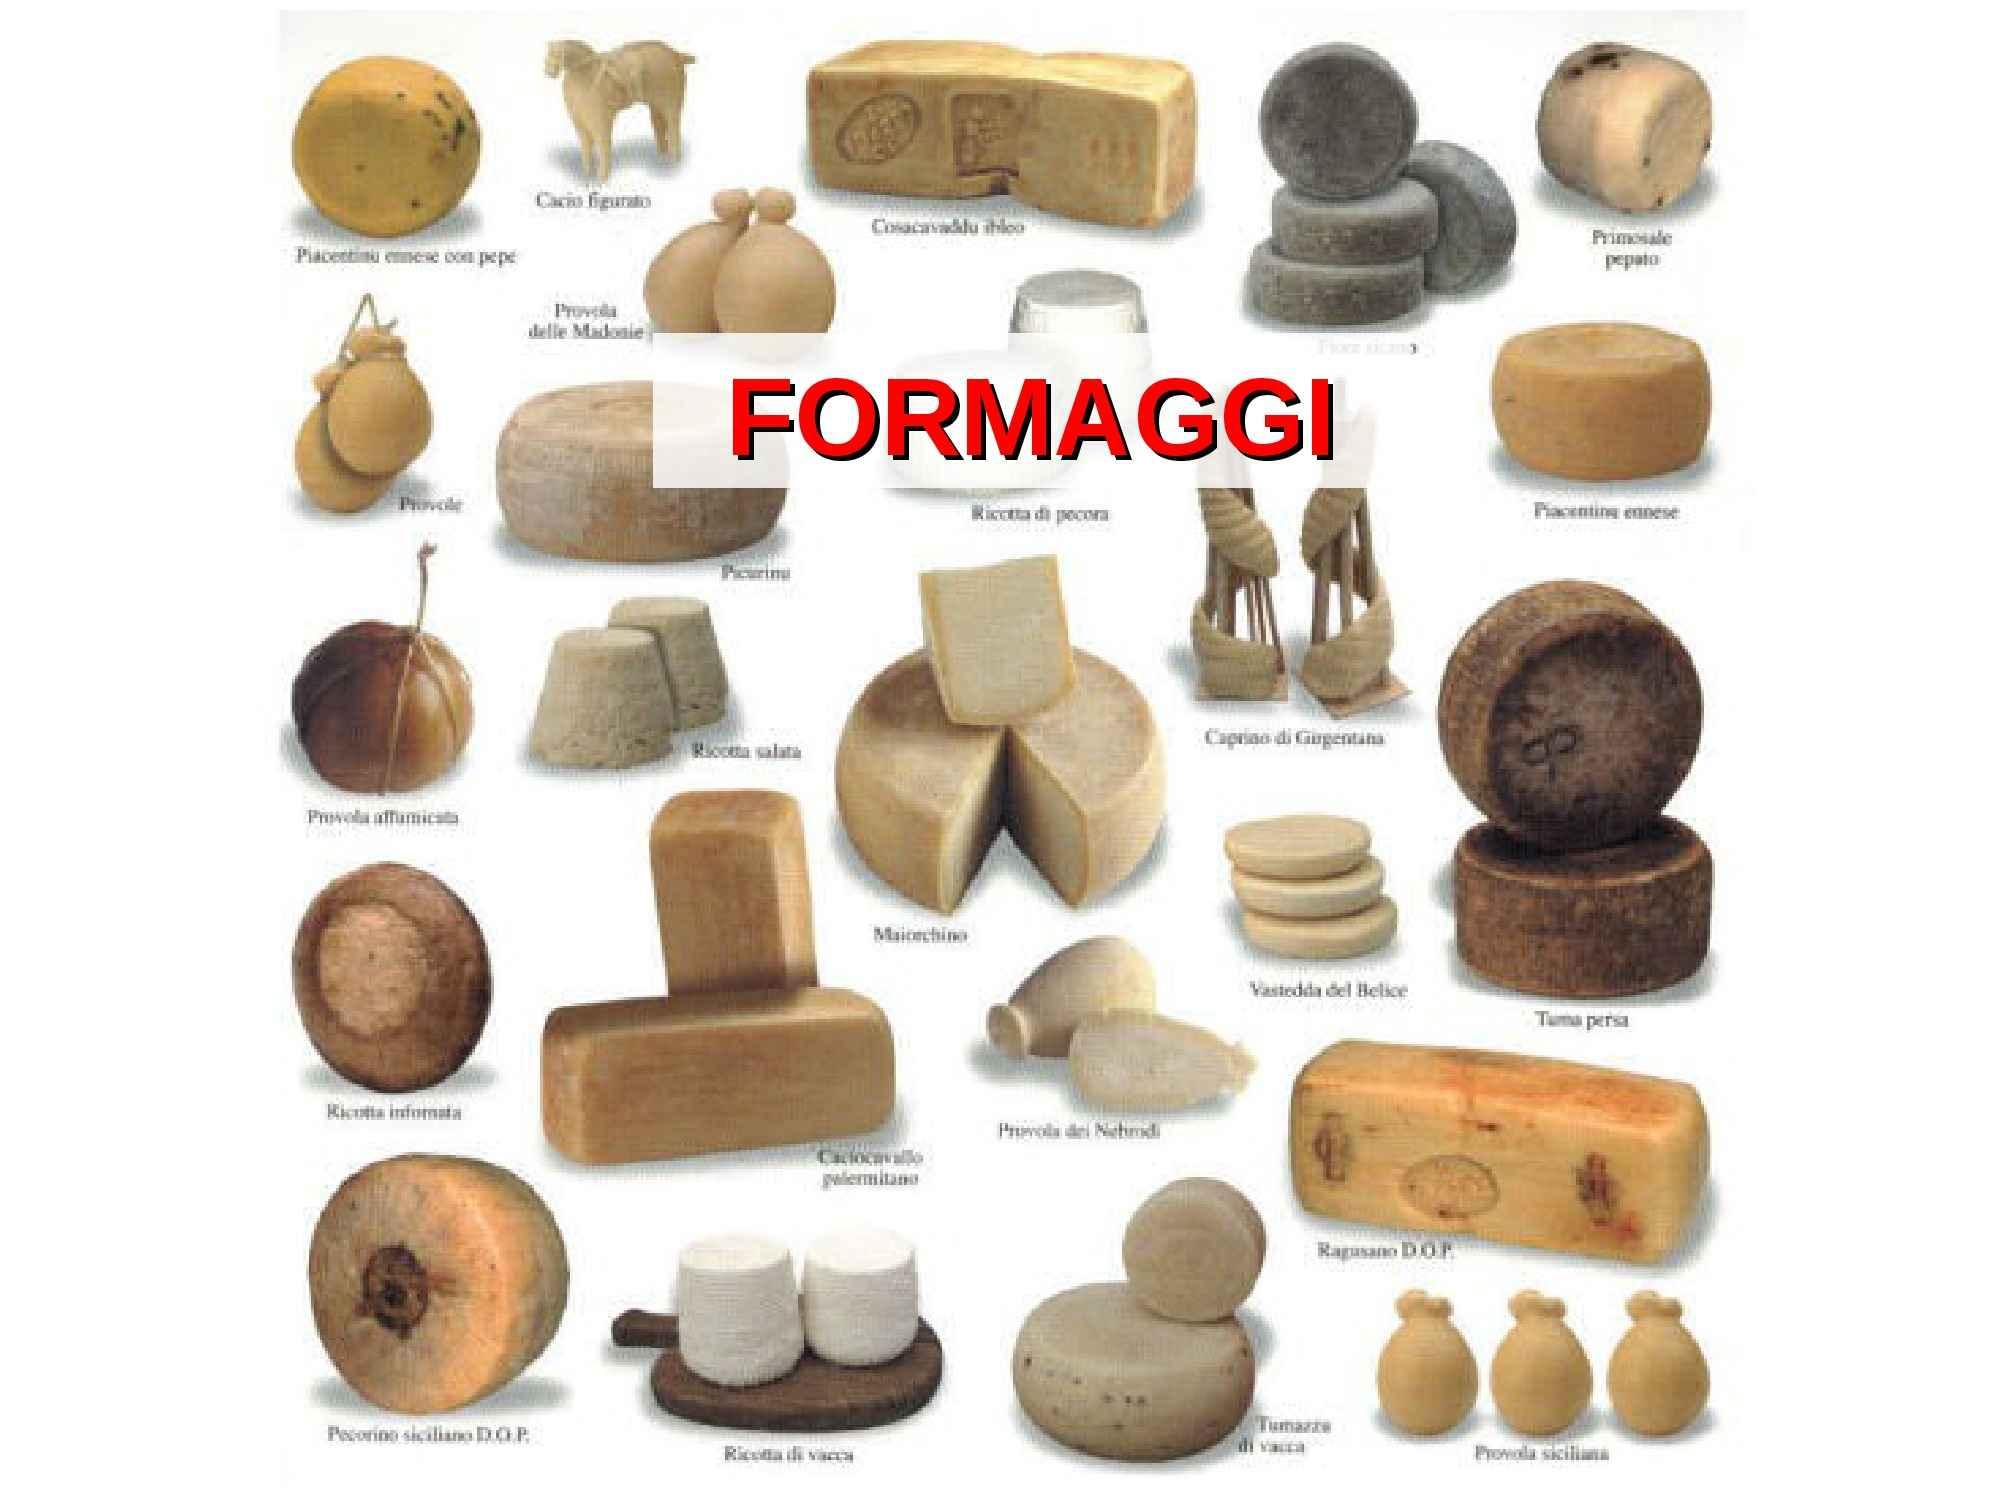 Formaggi - Composizione e caseificazione